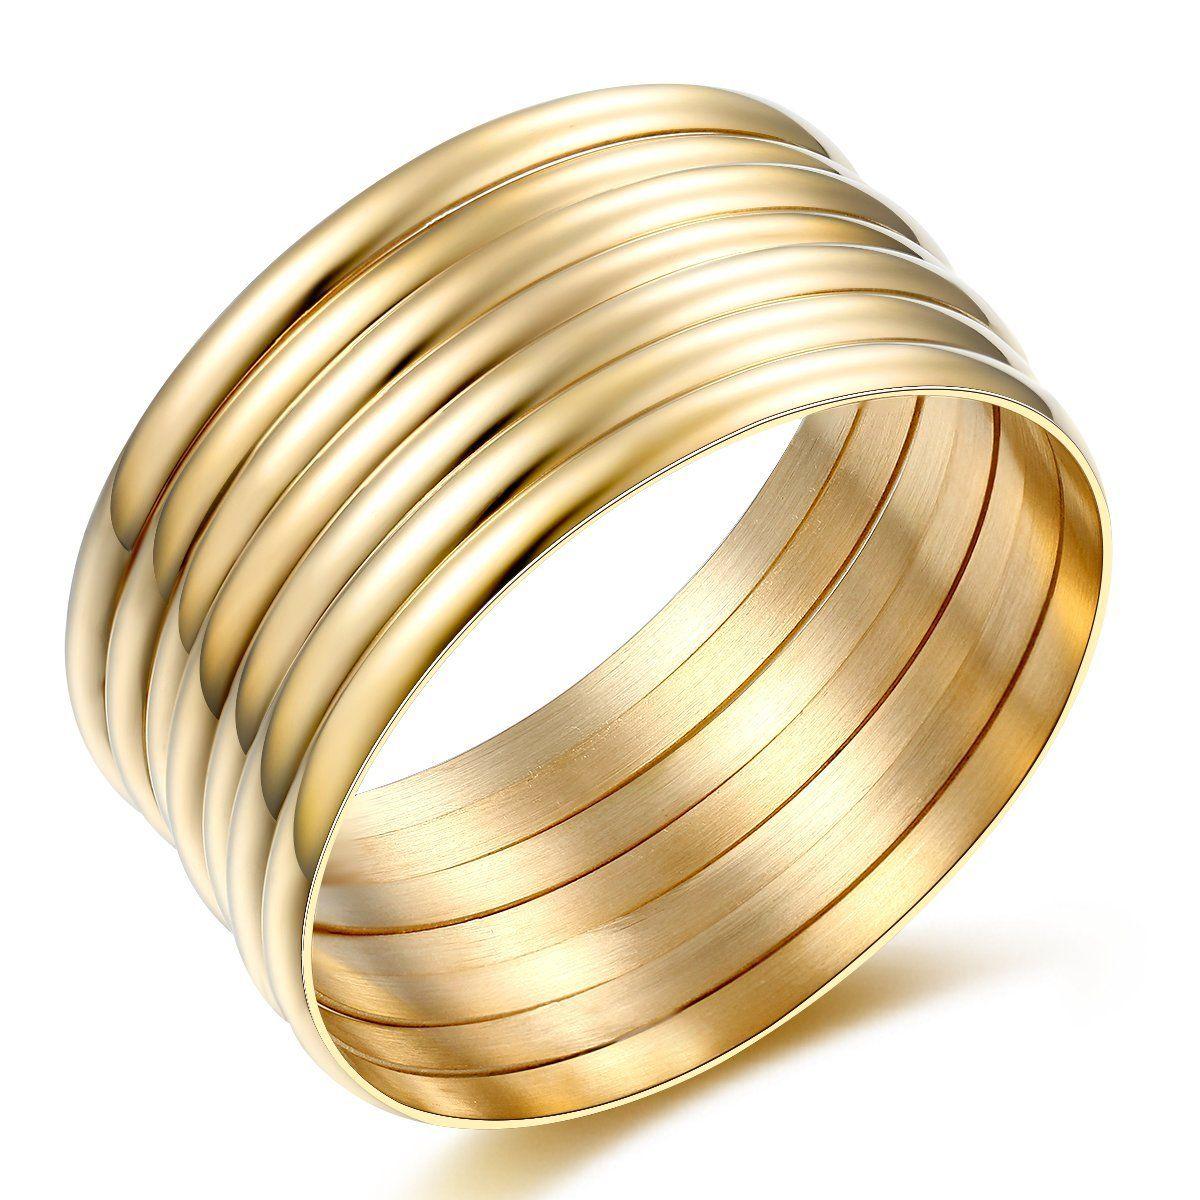 Carfeny jewelry high polish set of stacked gold bangle bracelets